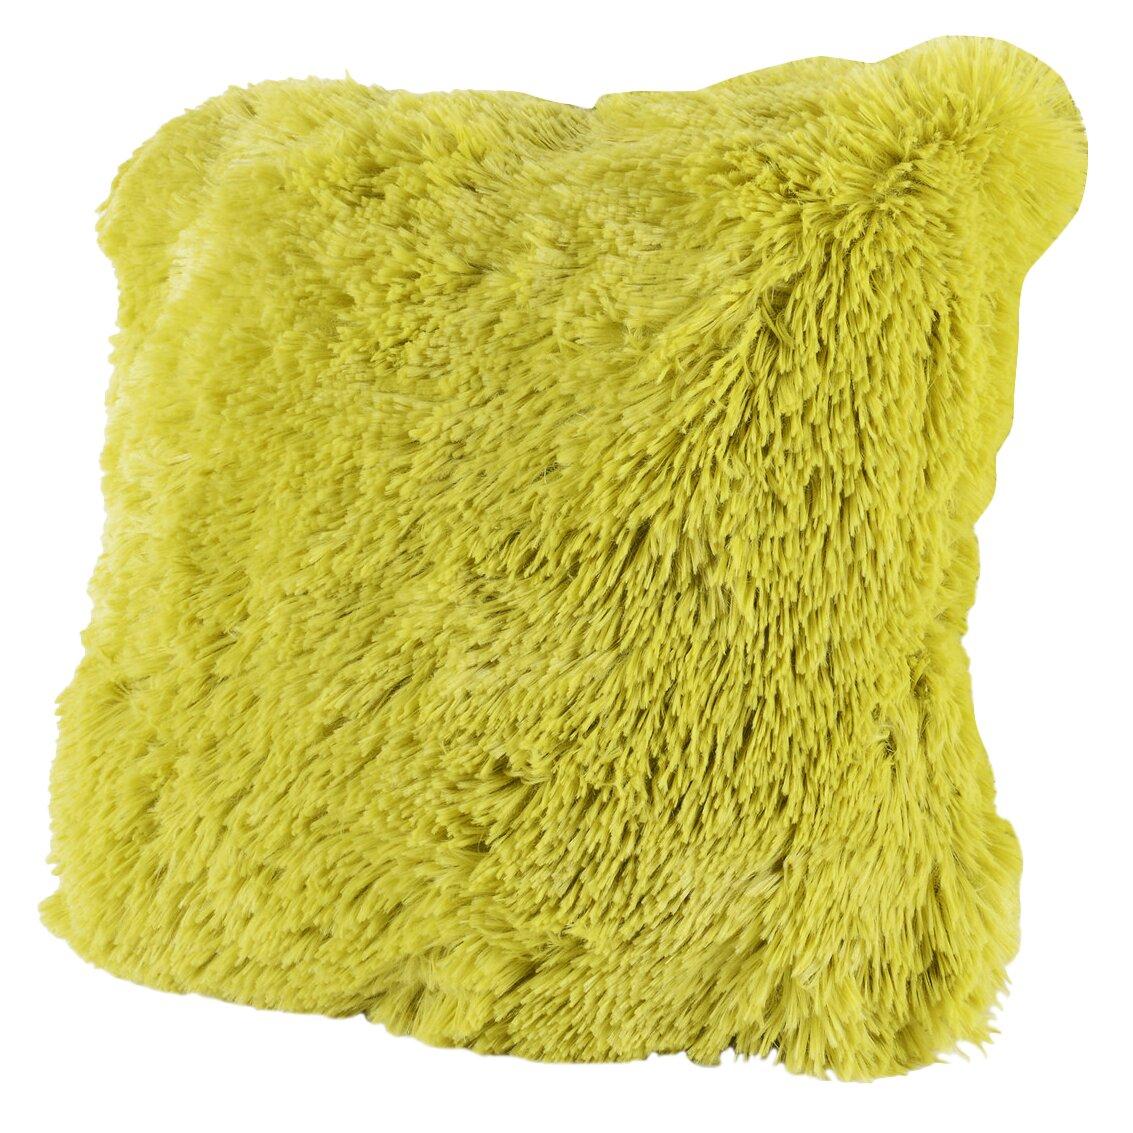 Big Comfortable Throw Pillows : Mercer41 Carnot Very Soft and Comfy Plush Throw Pillow & Reviews Wayfair